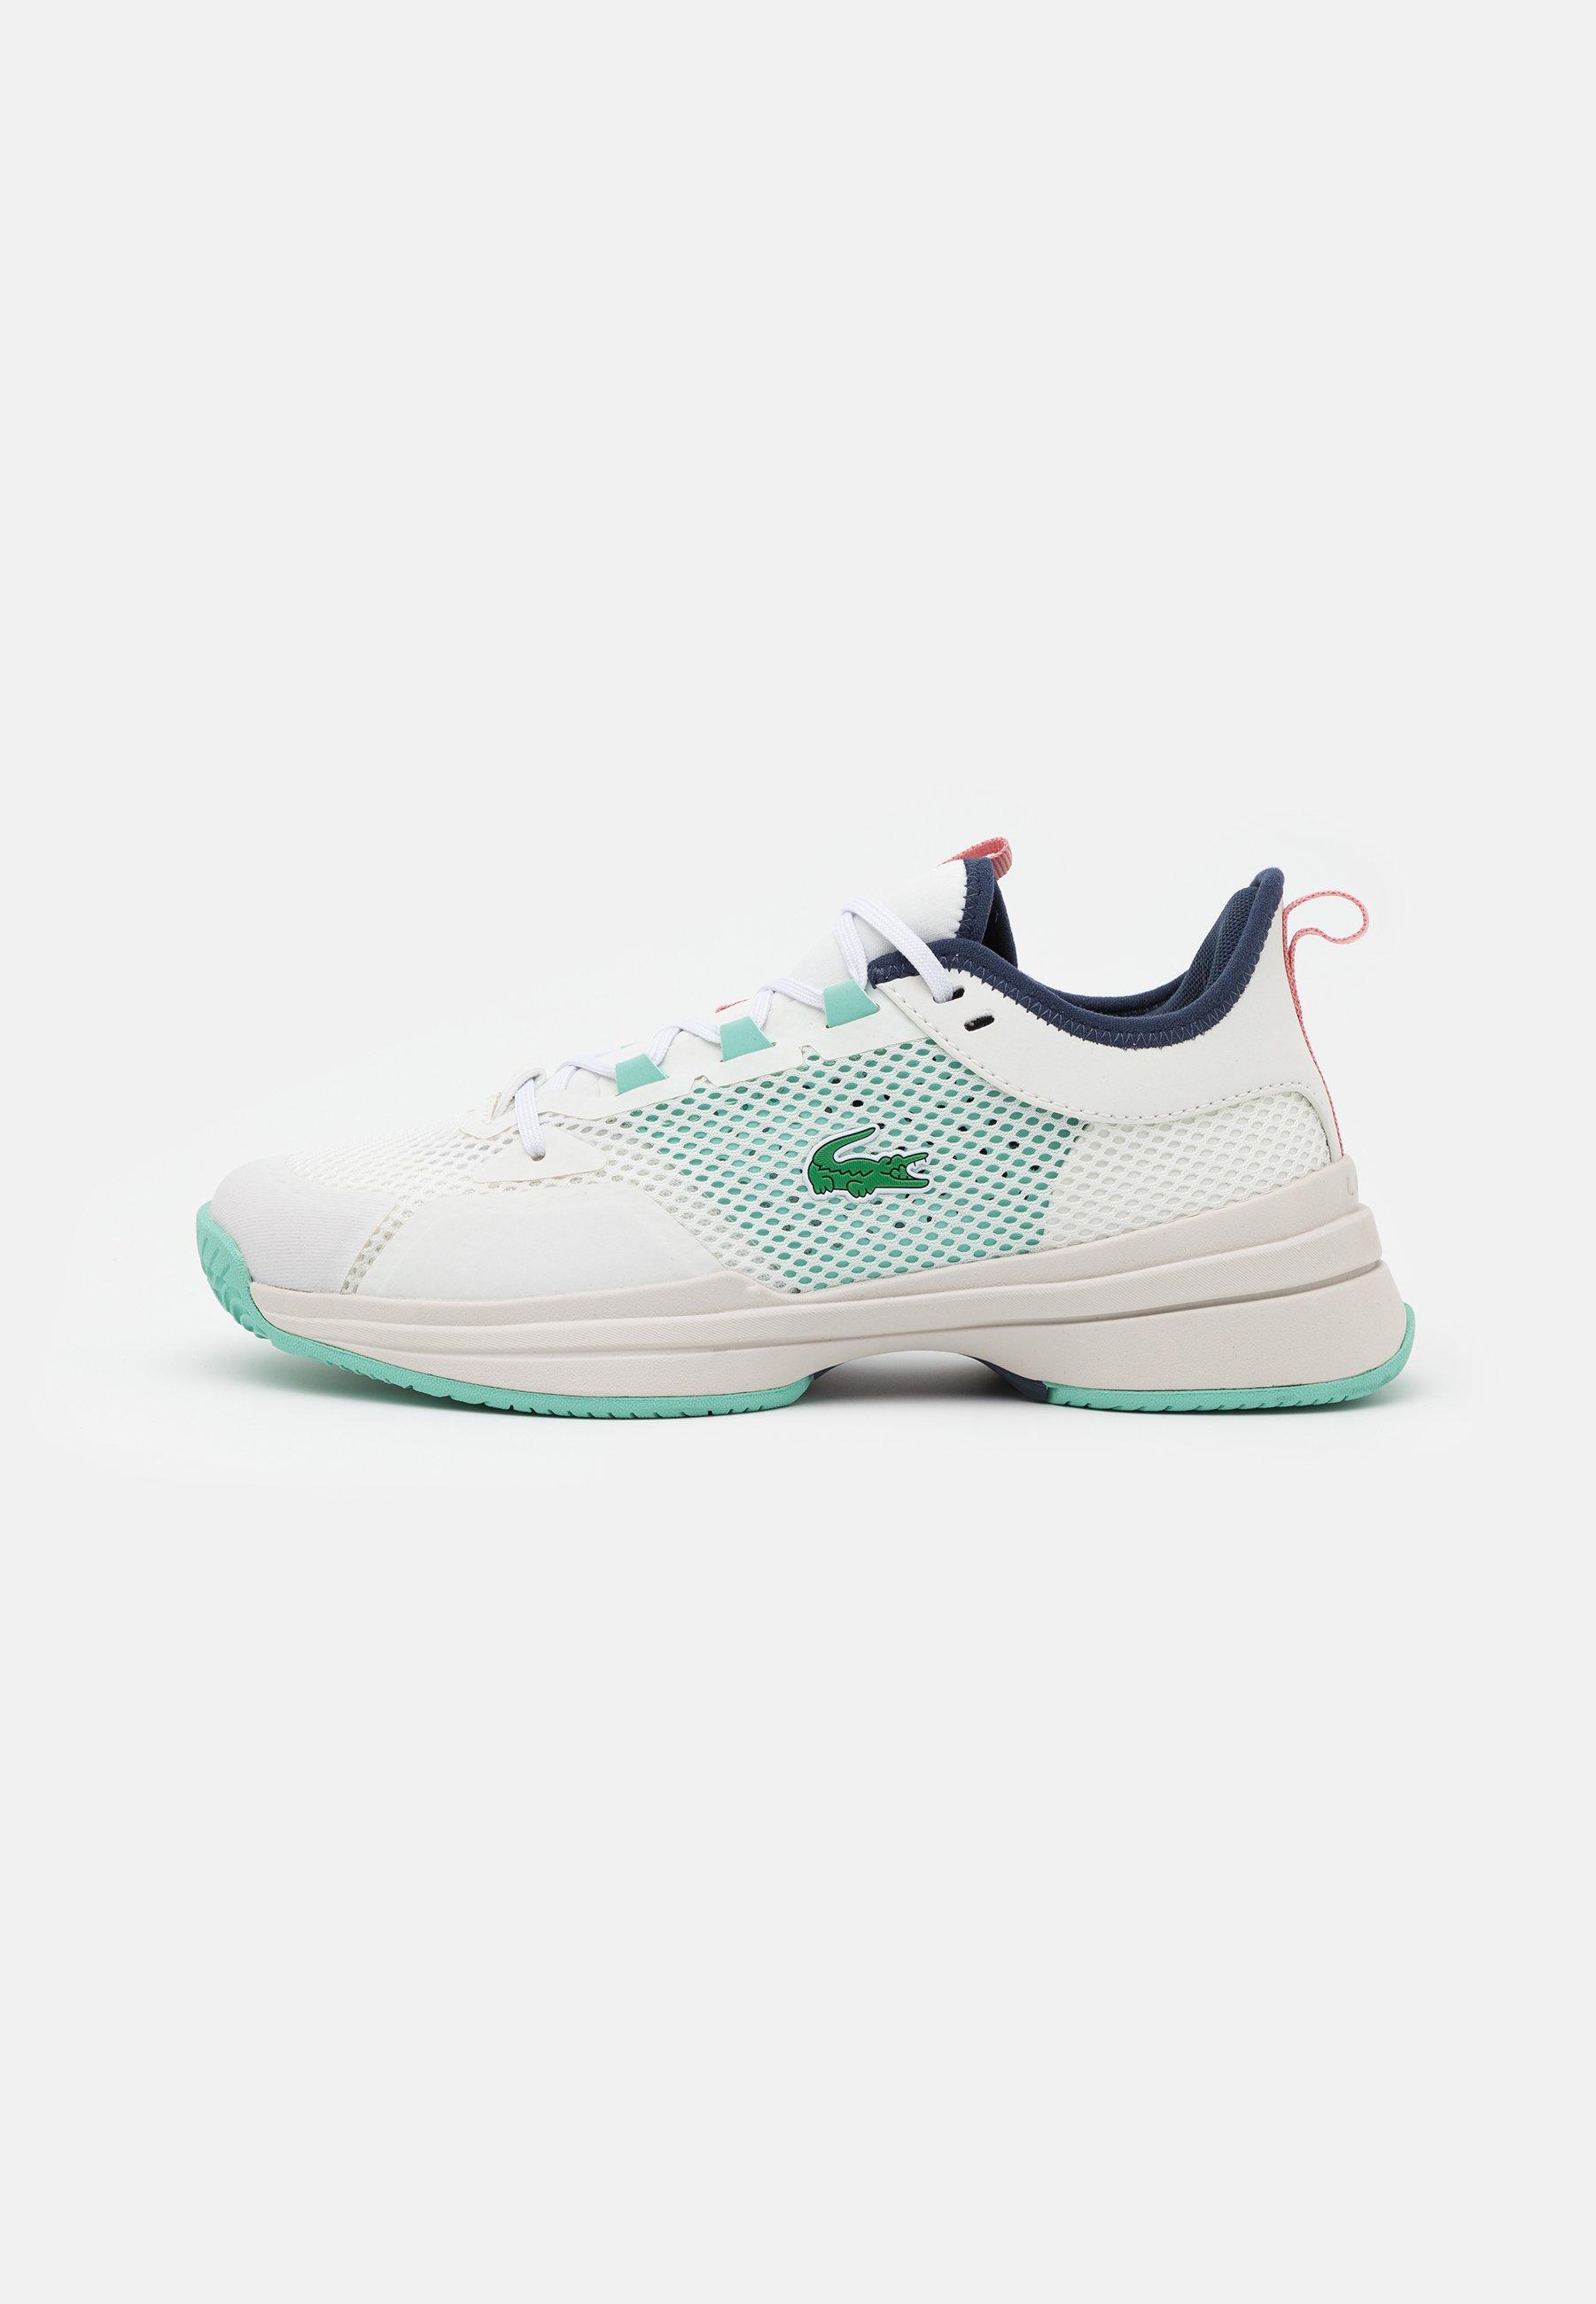 Femme Chaussures de tennis toutes surfaces